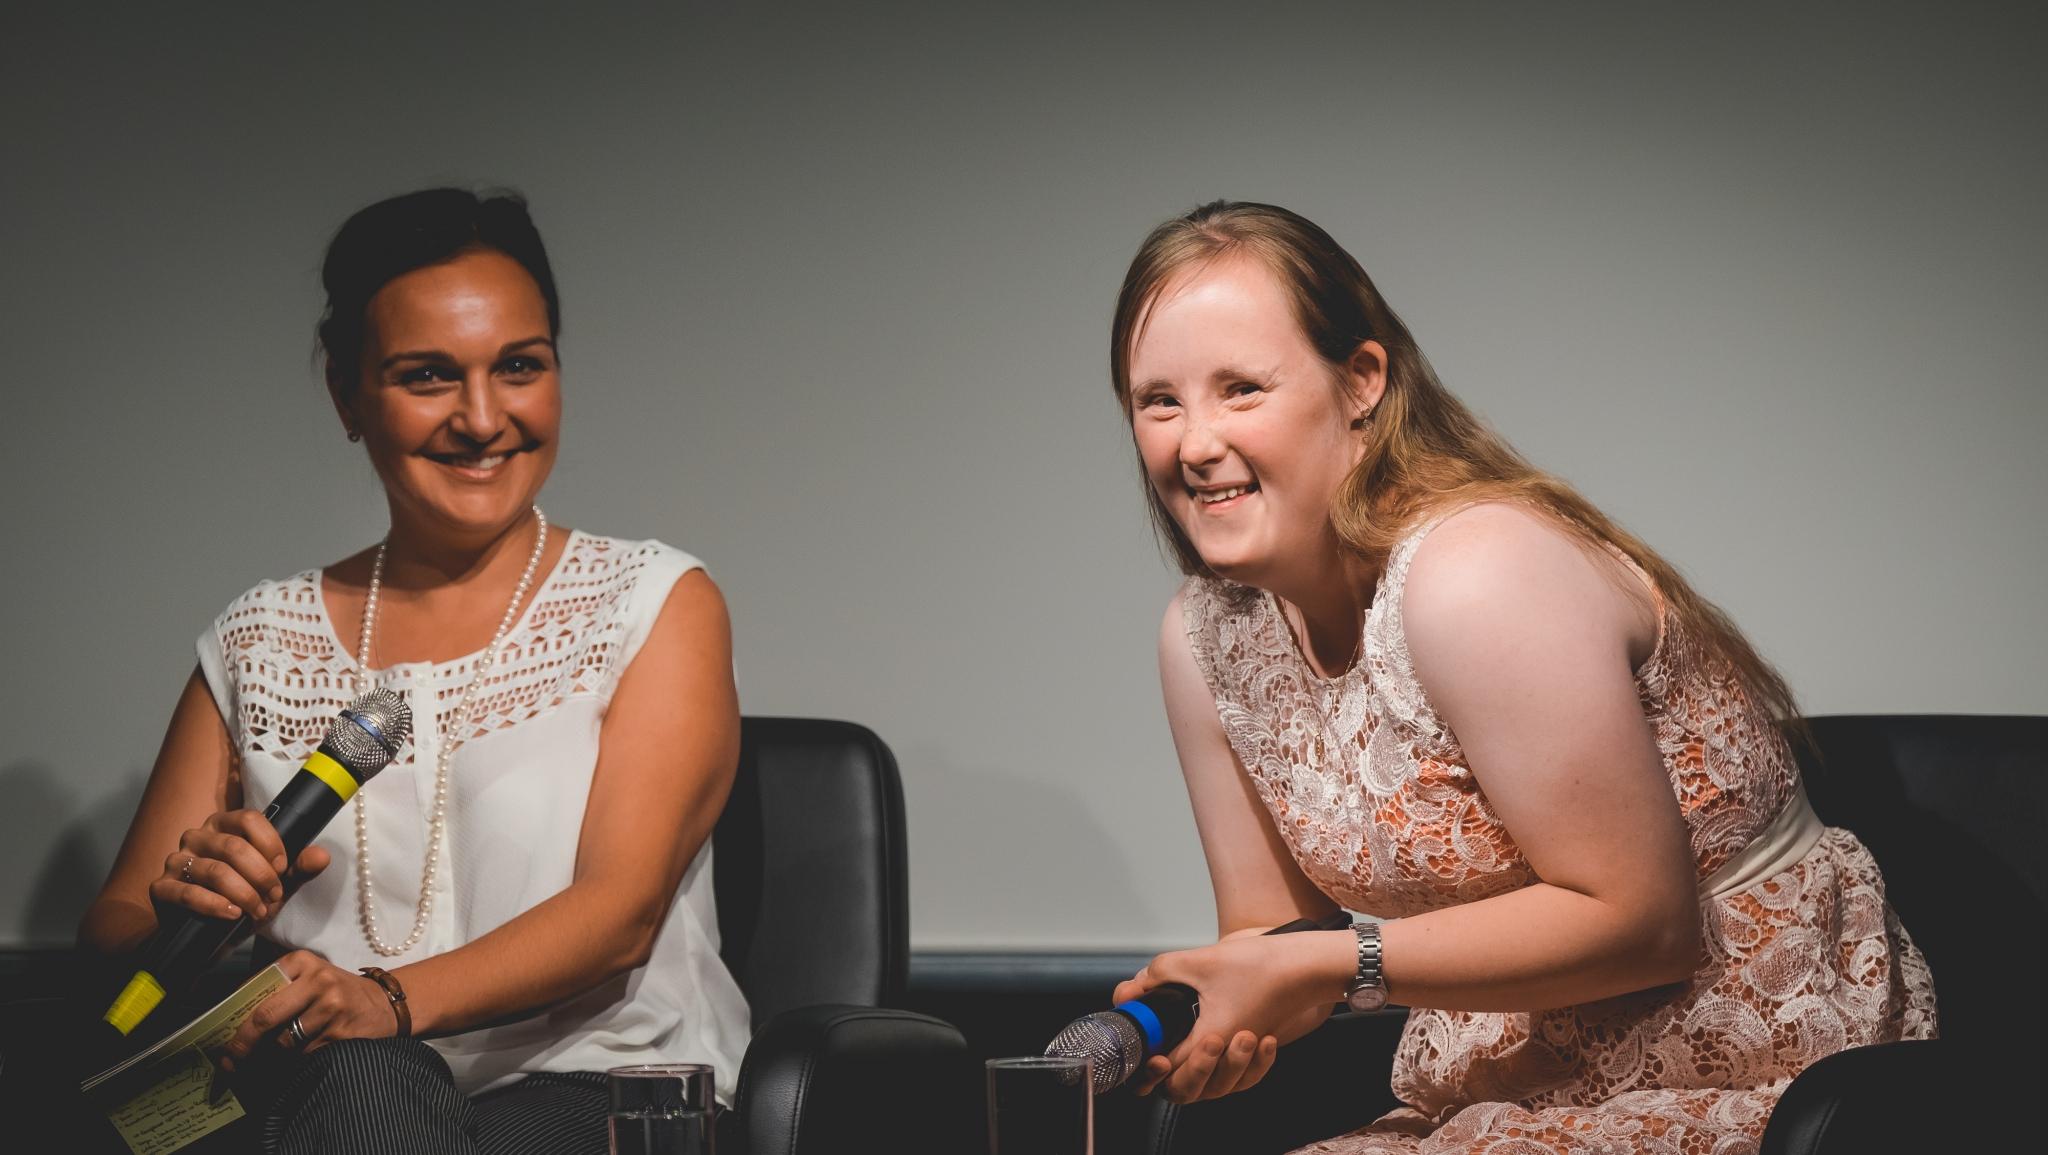 Zwei Frauen sitzen jeweils in einem Sessel und schauen freundlich in die Kamera. Dabei haben beide ein Mikrofon in der Hand.